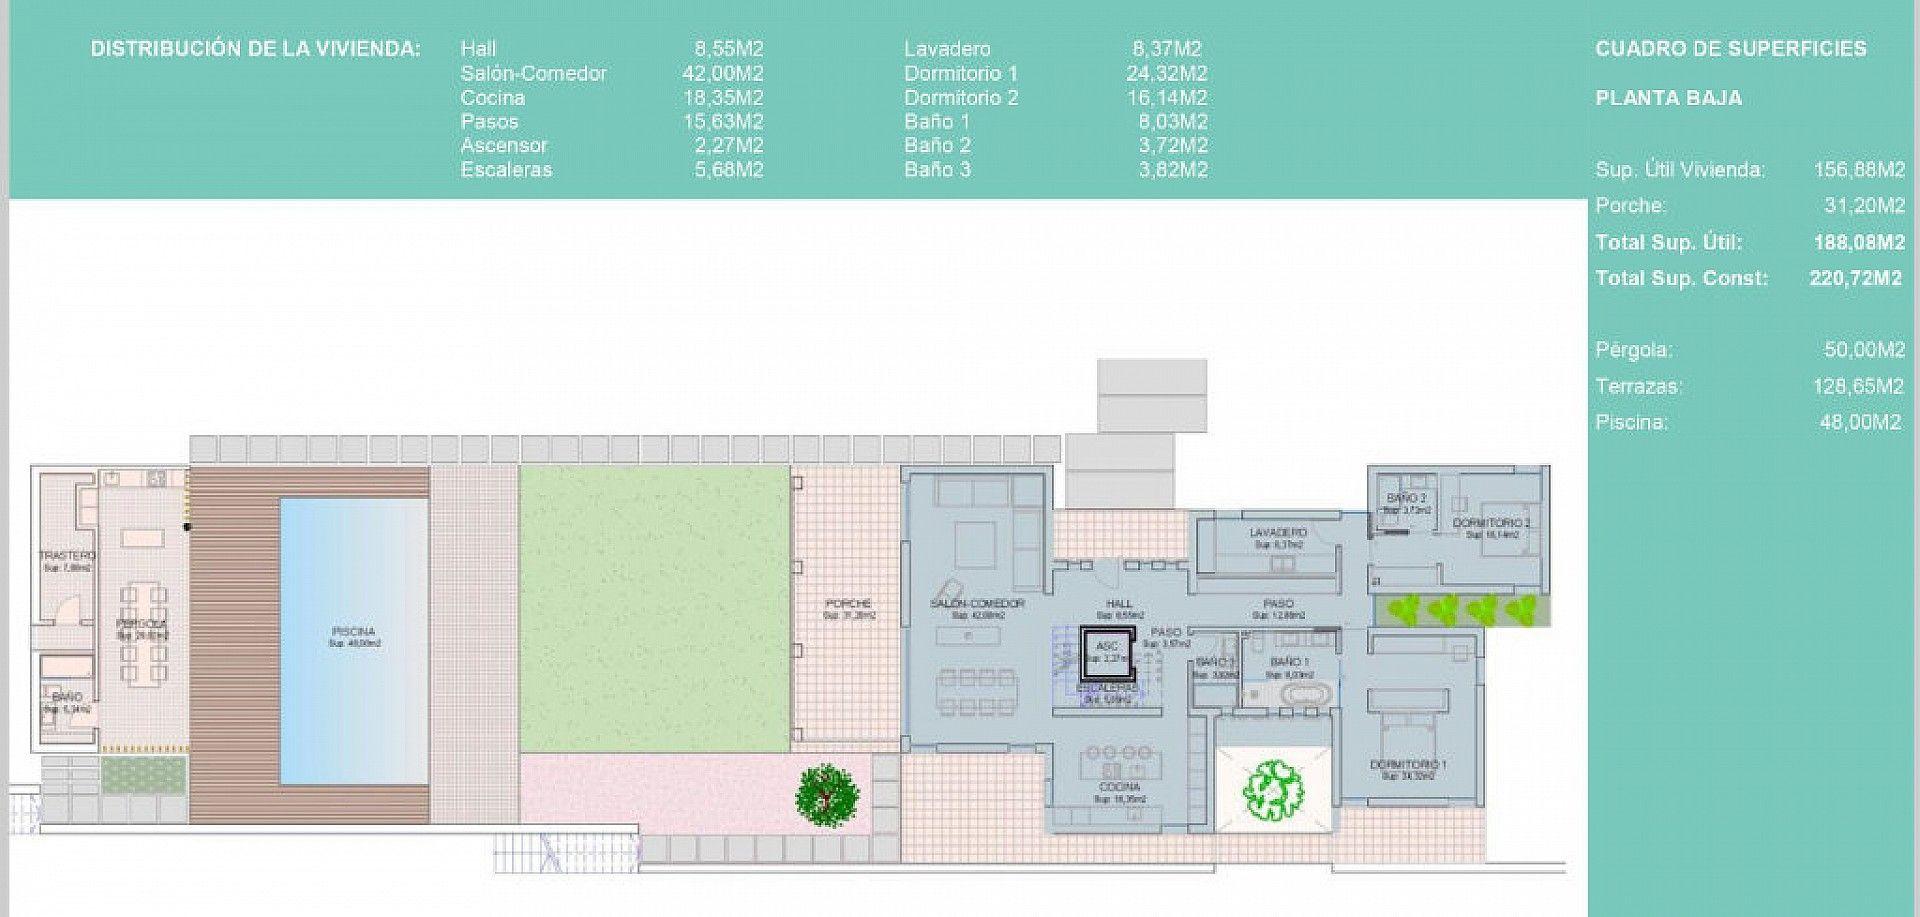 w_te-koop-huis-project-moraira-teulada-costa-blanca-nf2028-04-3.jpg